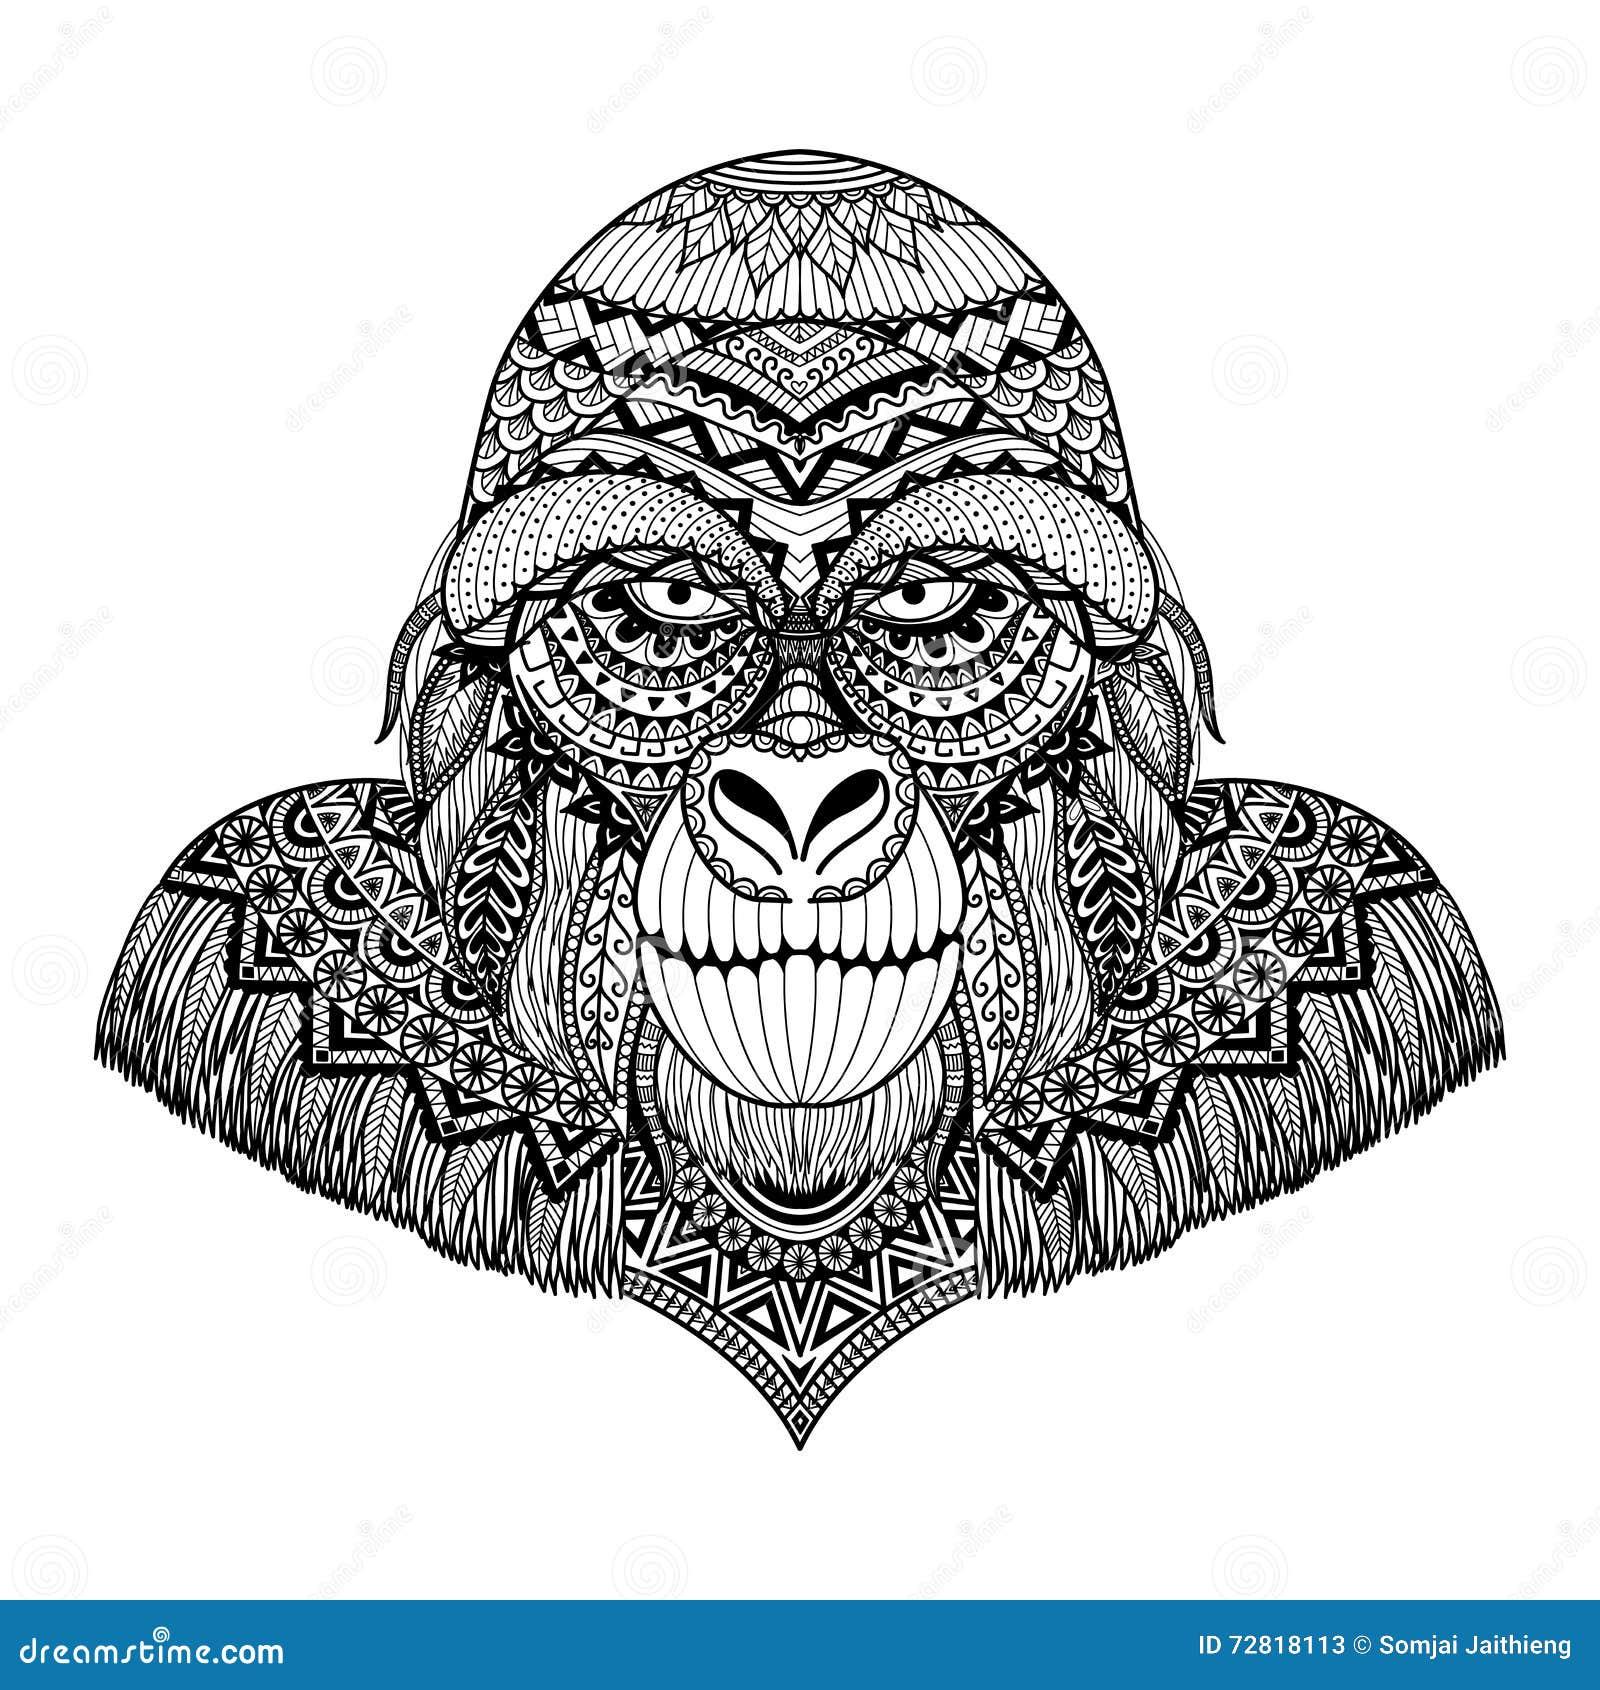 Coloriage Adulte Singe.Lignes Propres Conception D Art De Griffonnage De Gorille Pour